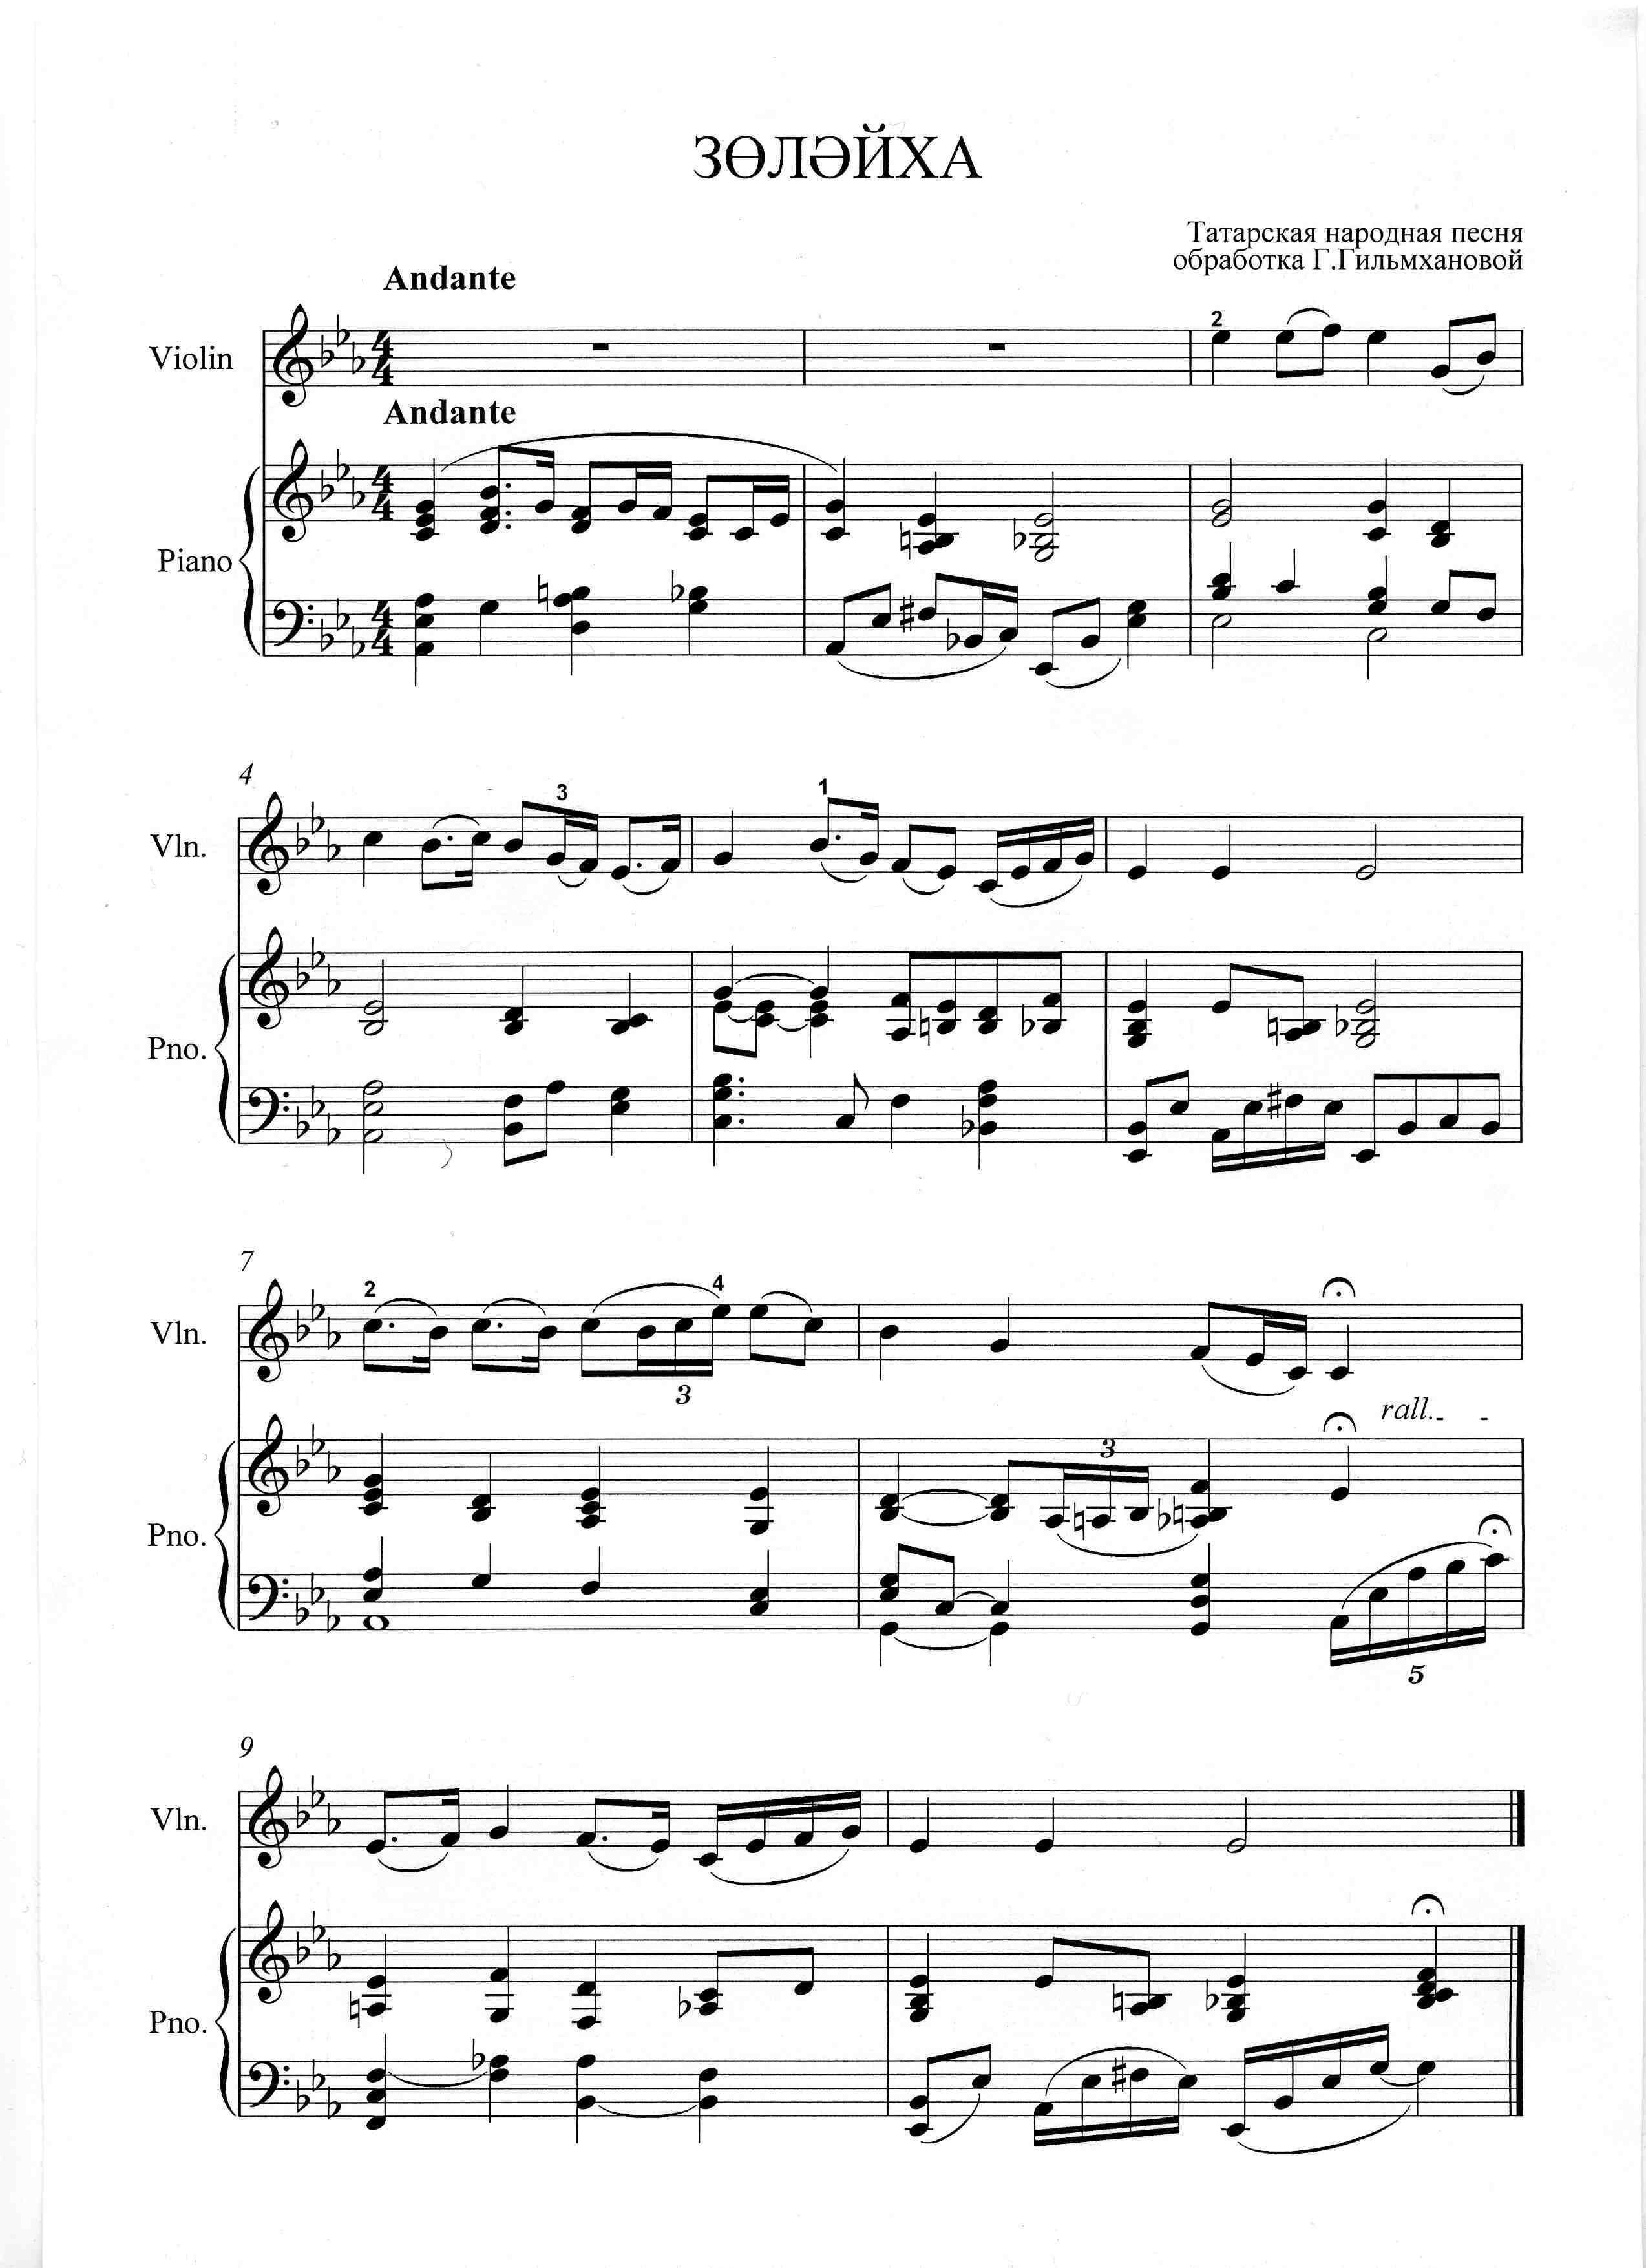 Аккорды и ноты современных песен 2010 akkordysu